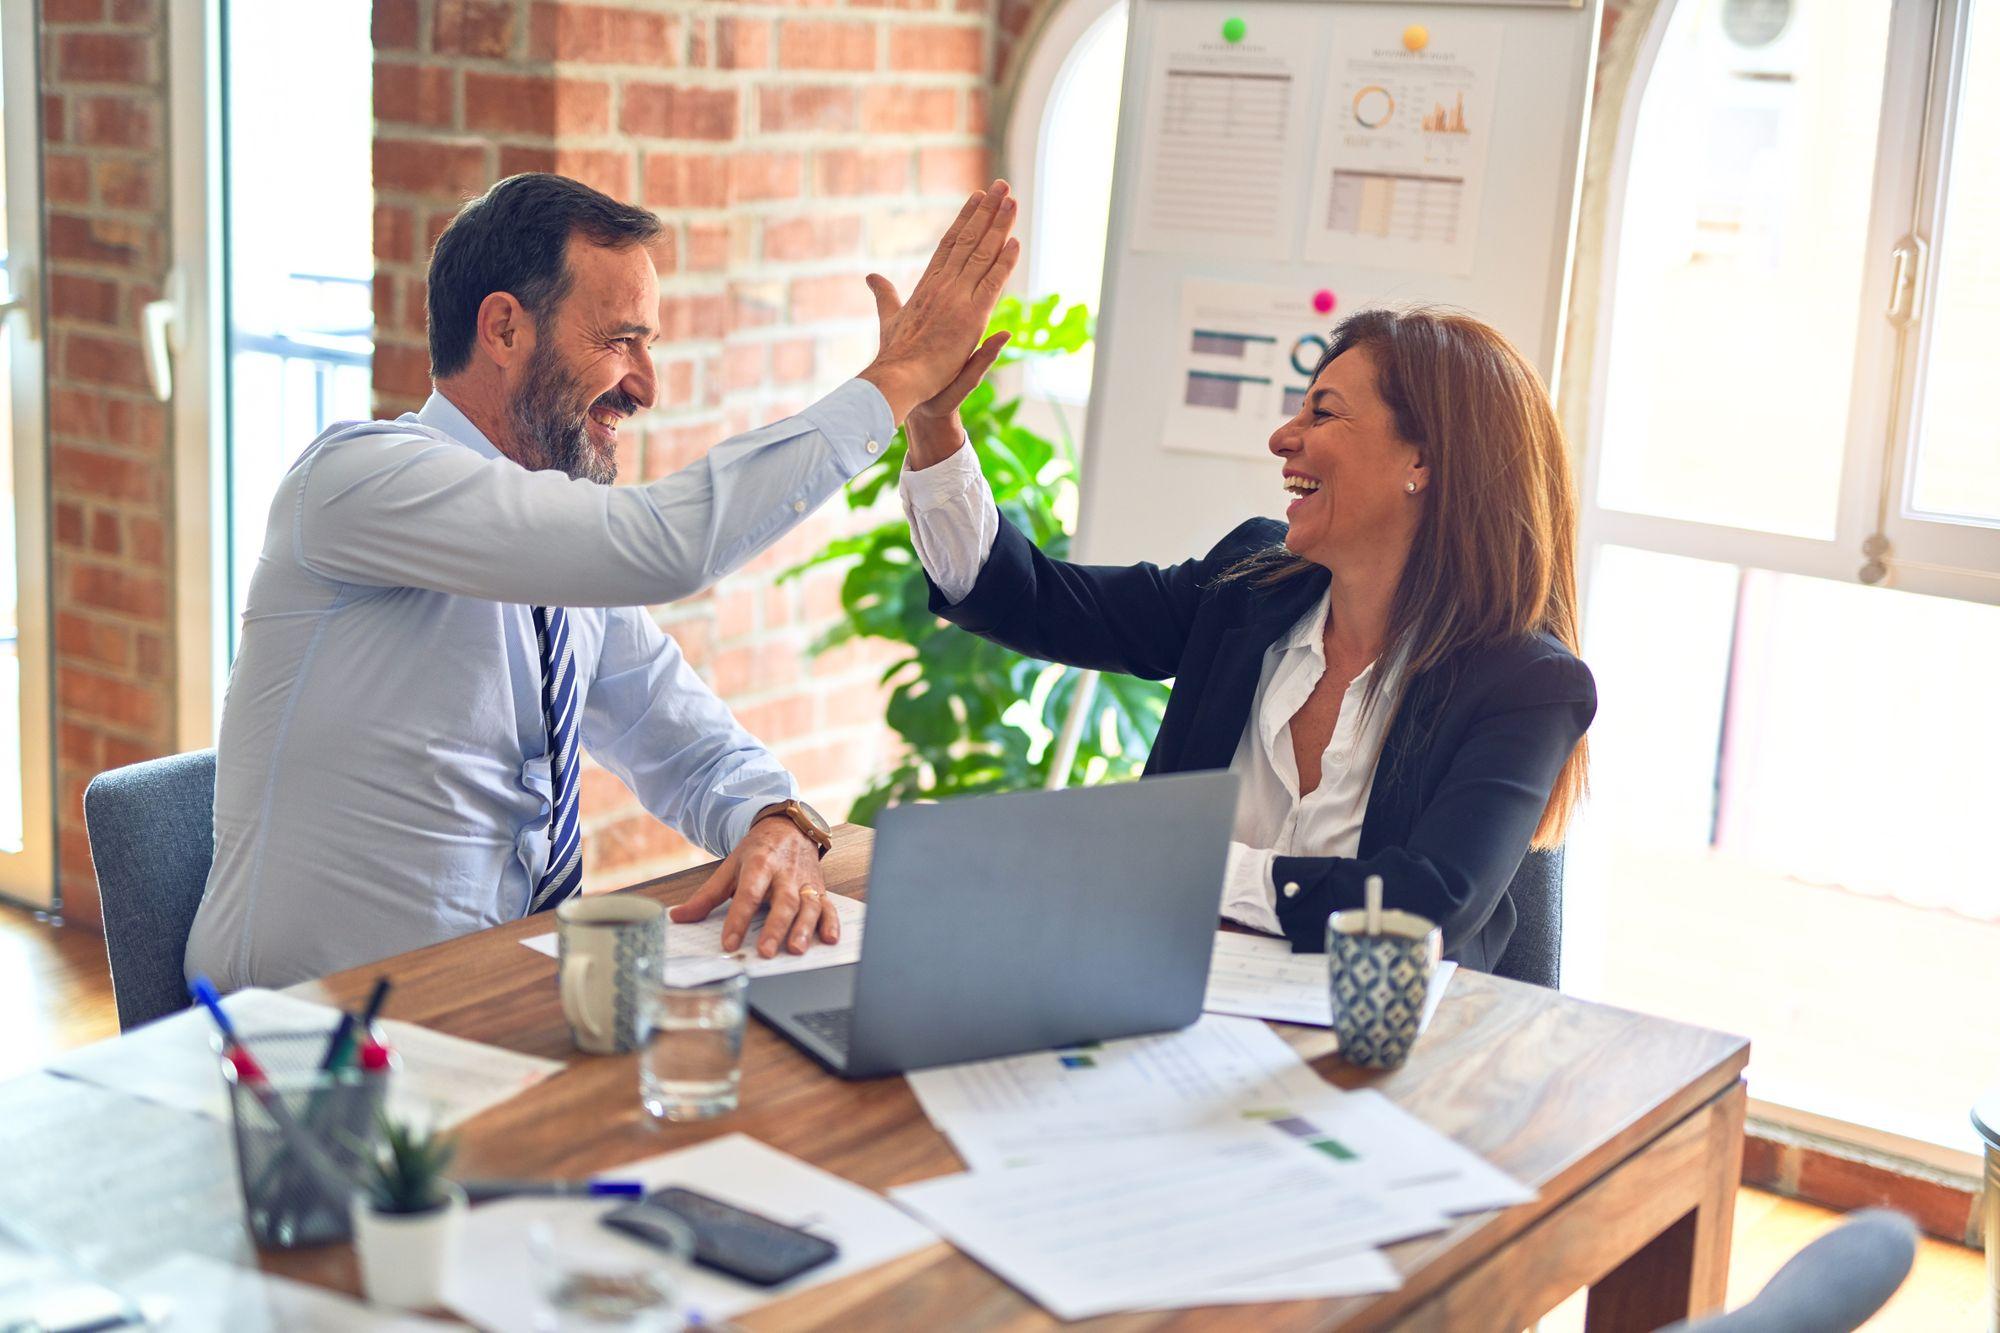 Znajomość trendów HR może wspierać organizacje w rozwoju.